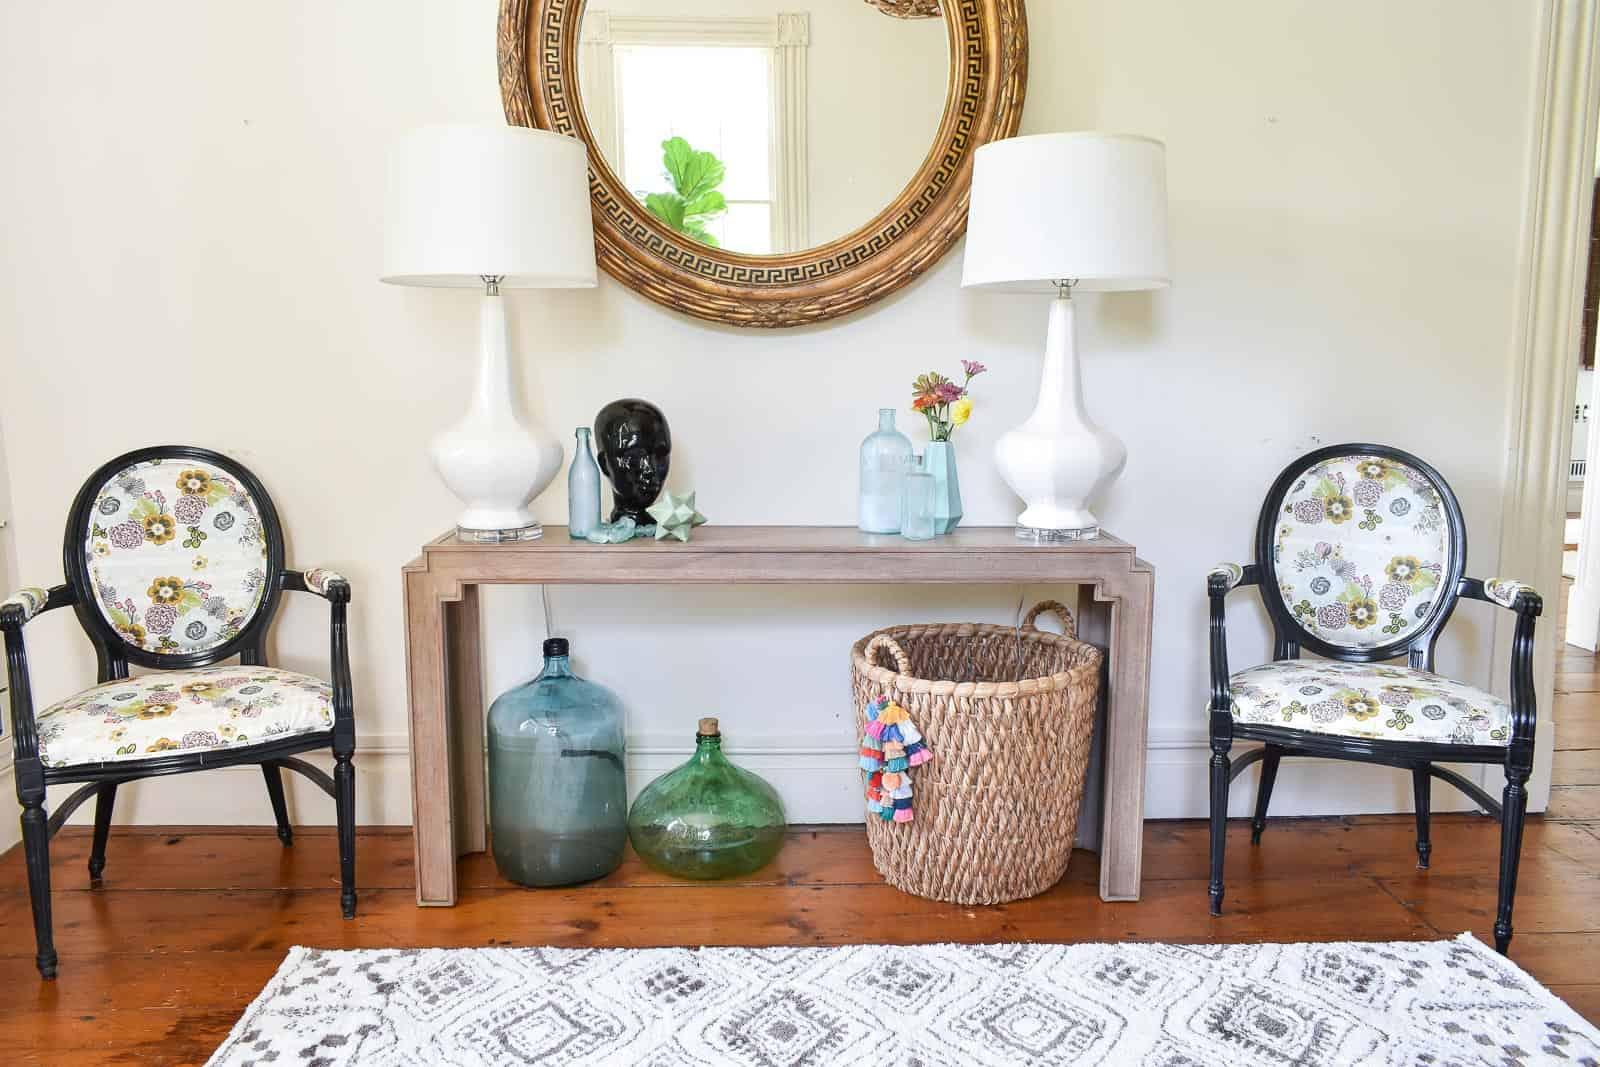 Bassett console table under round antique mirror